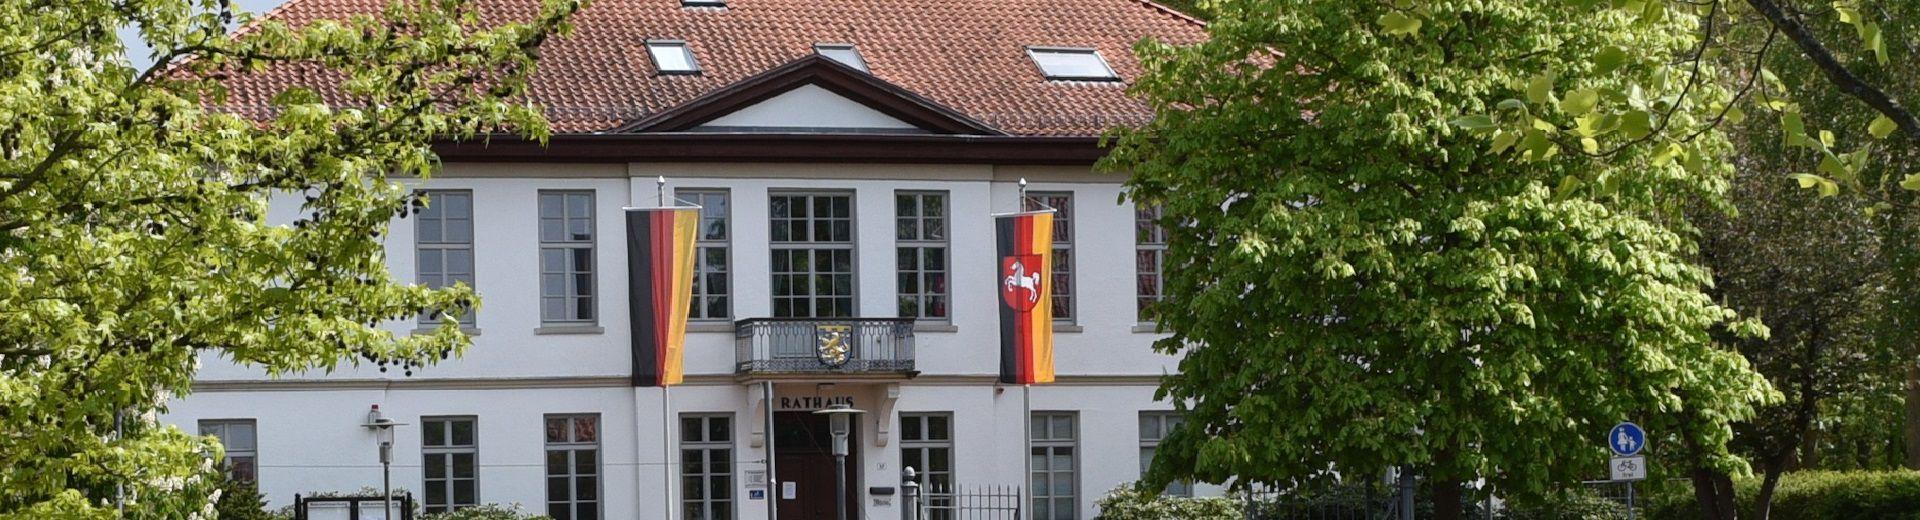 Rathaus_Folgeseite_Rathaus-neu